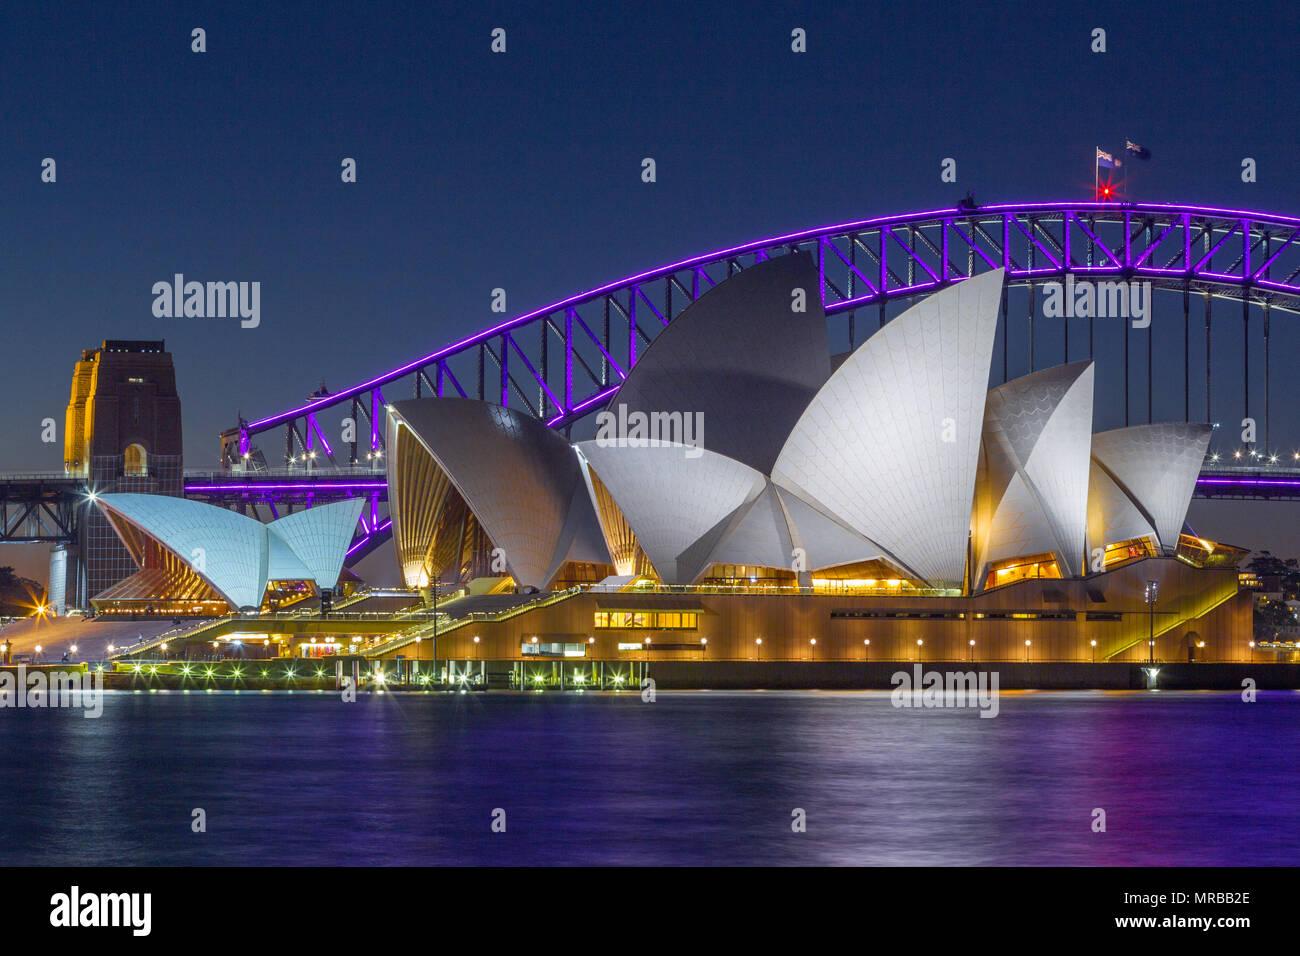 Sydney Harbour Bridge et Sydney Opera House au cours de la '2018' Vivid Sydney festival, qui voit les effets d'éclairage spécial affiché sur landmar notable Photo Stock